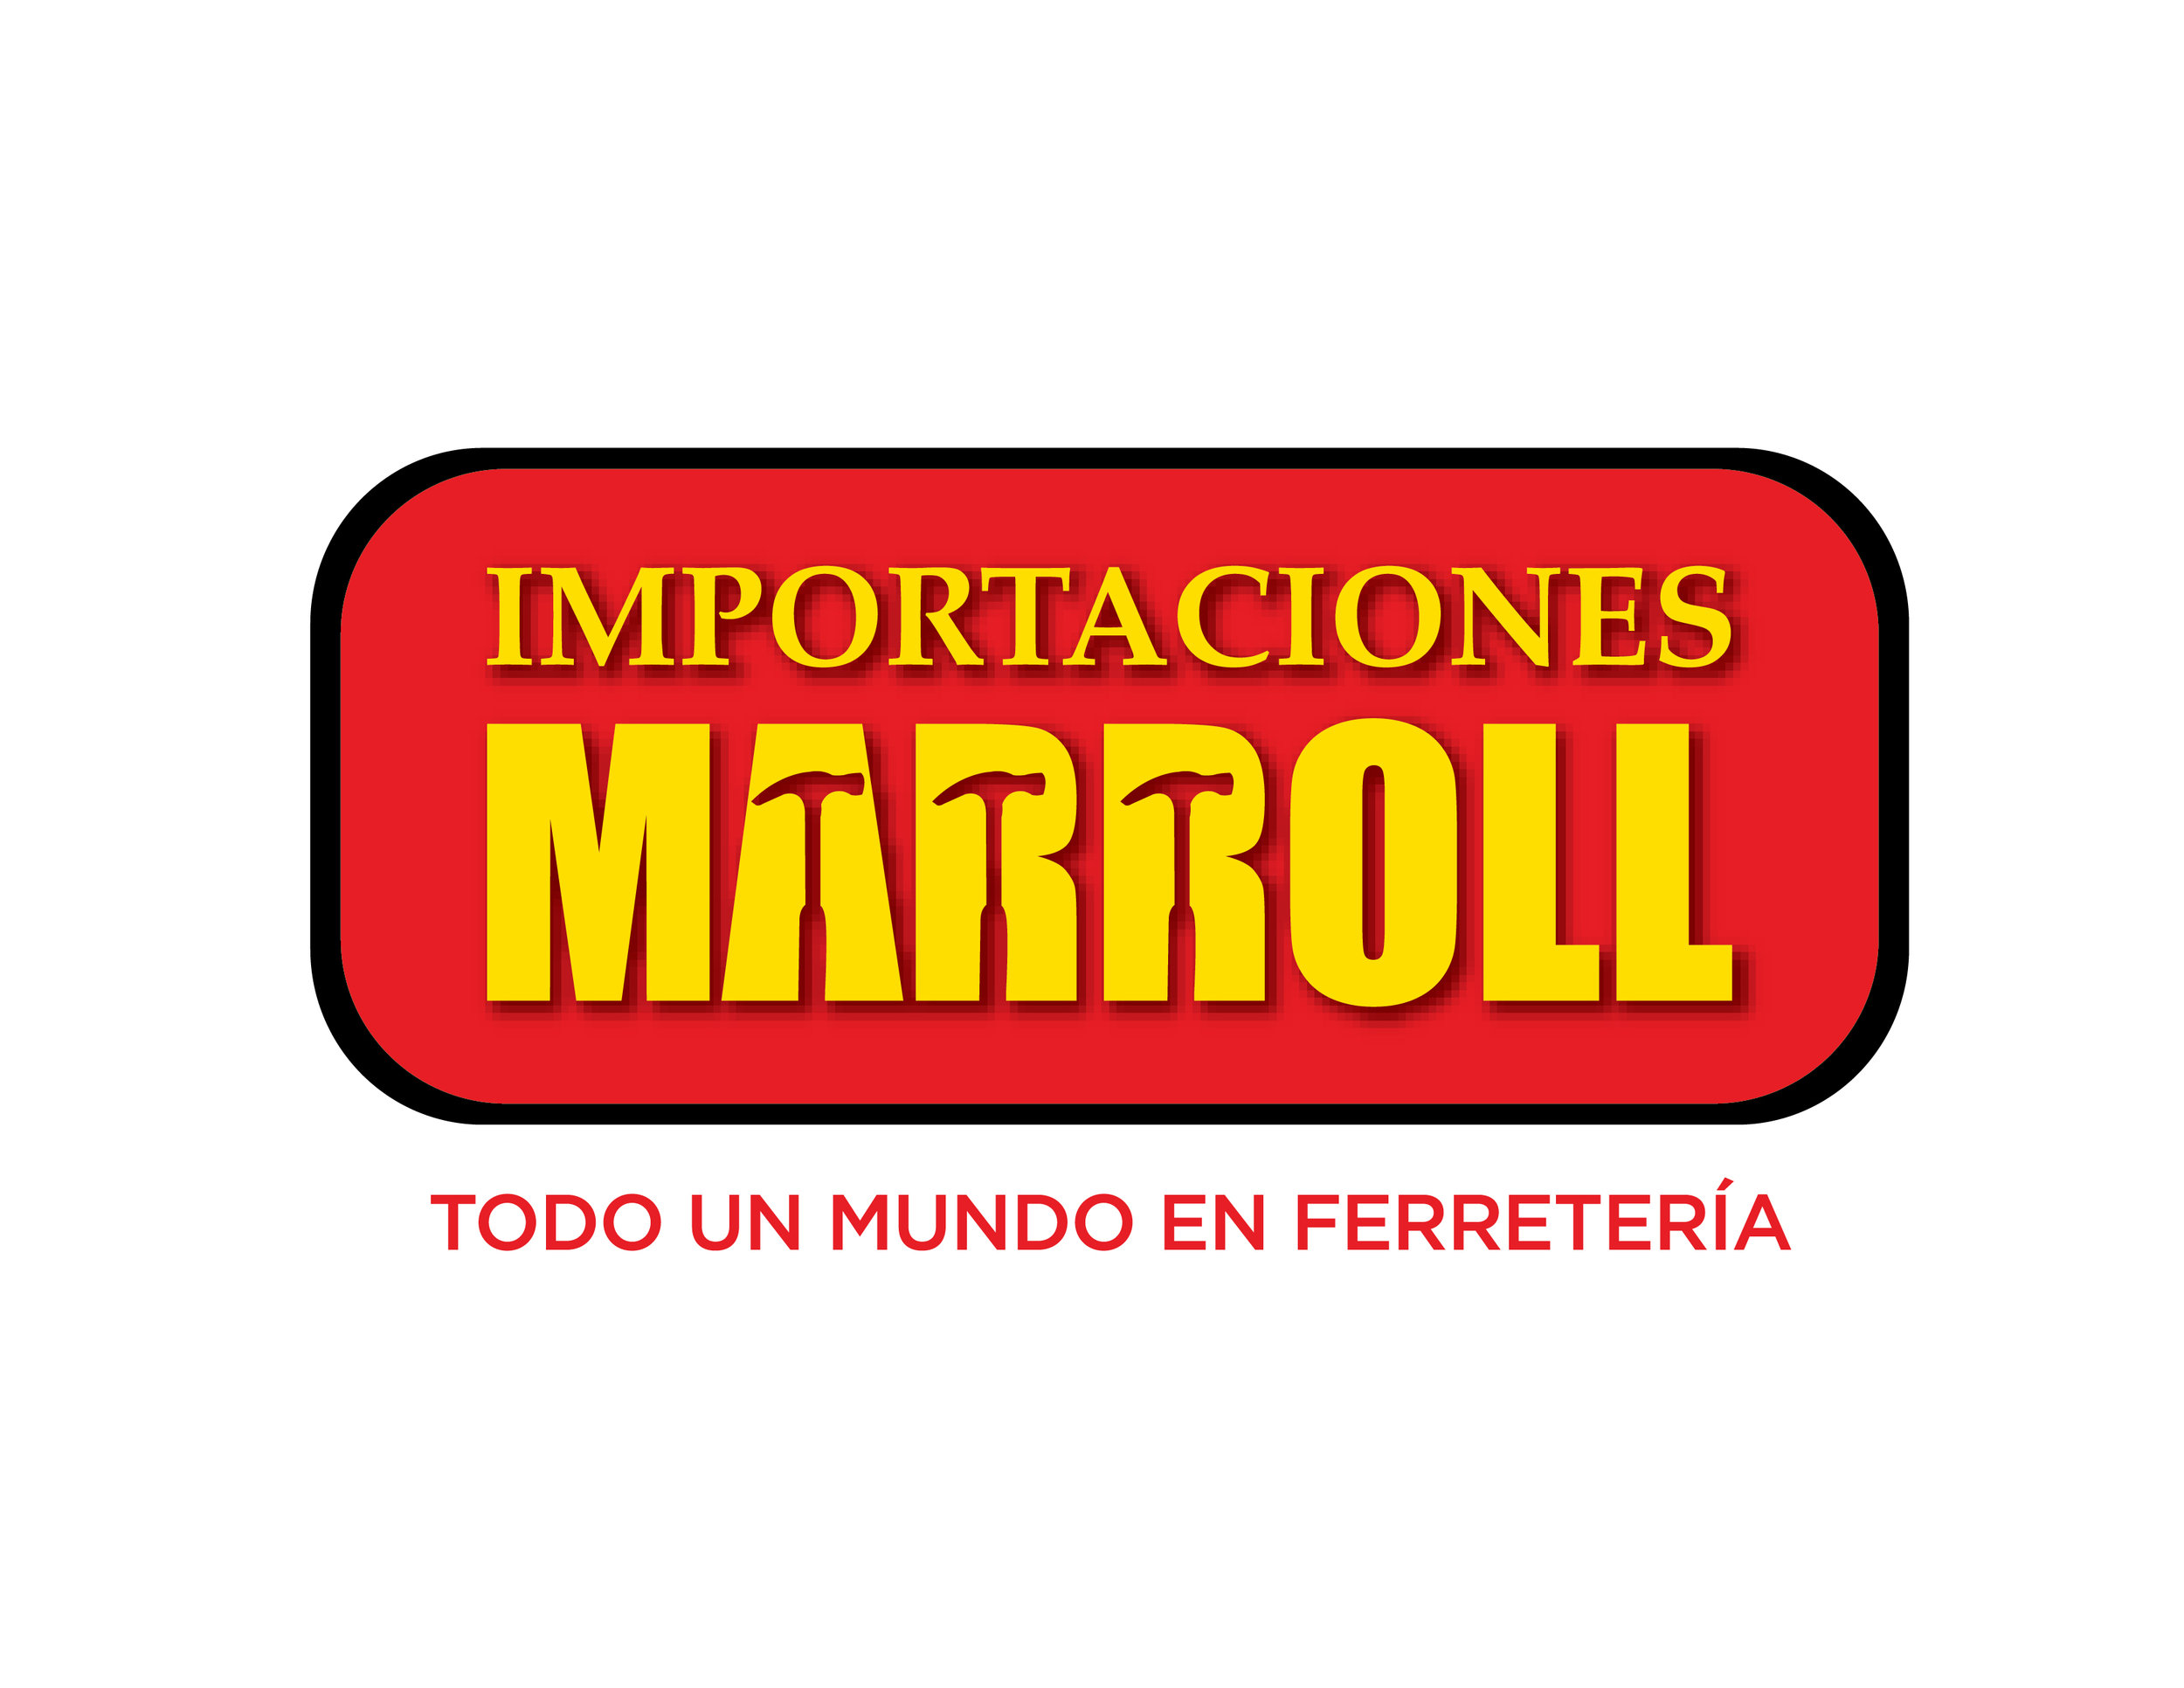 Imagen Marroll para sistema.jpg